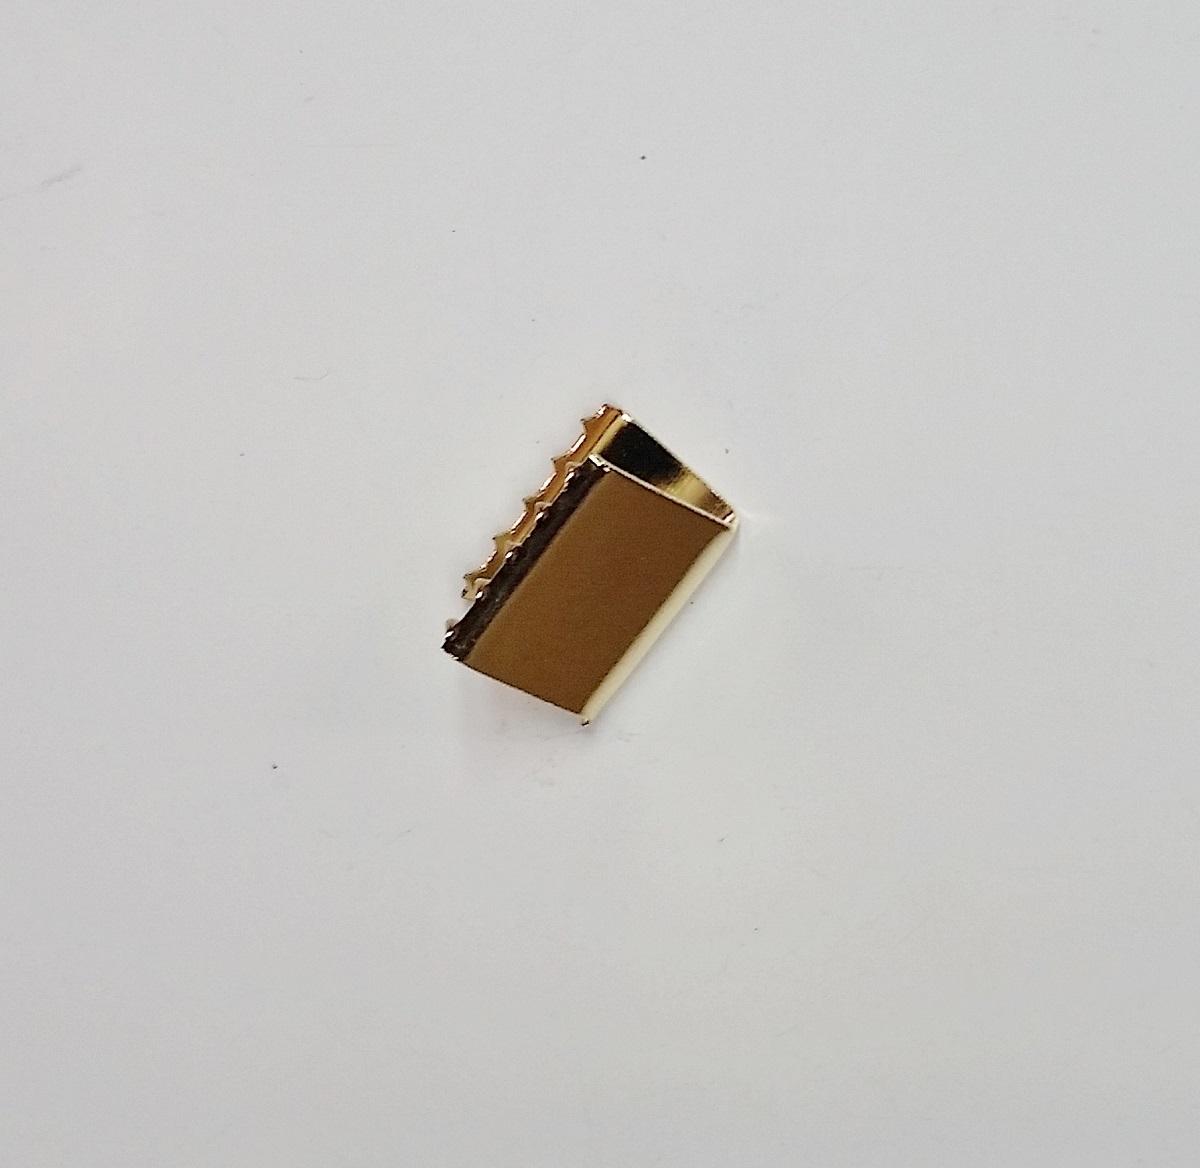 Remate de Alça 18mm c/ Garra Dentada Latonado